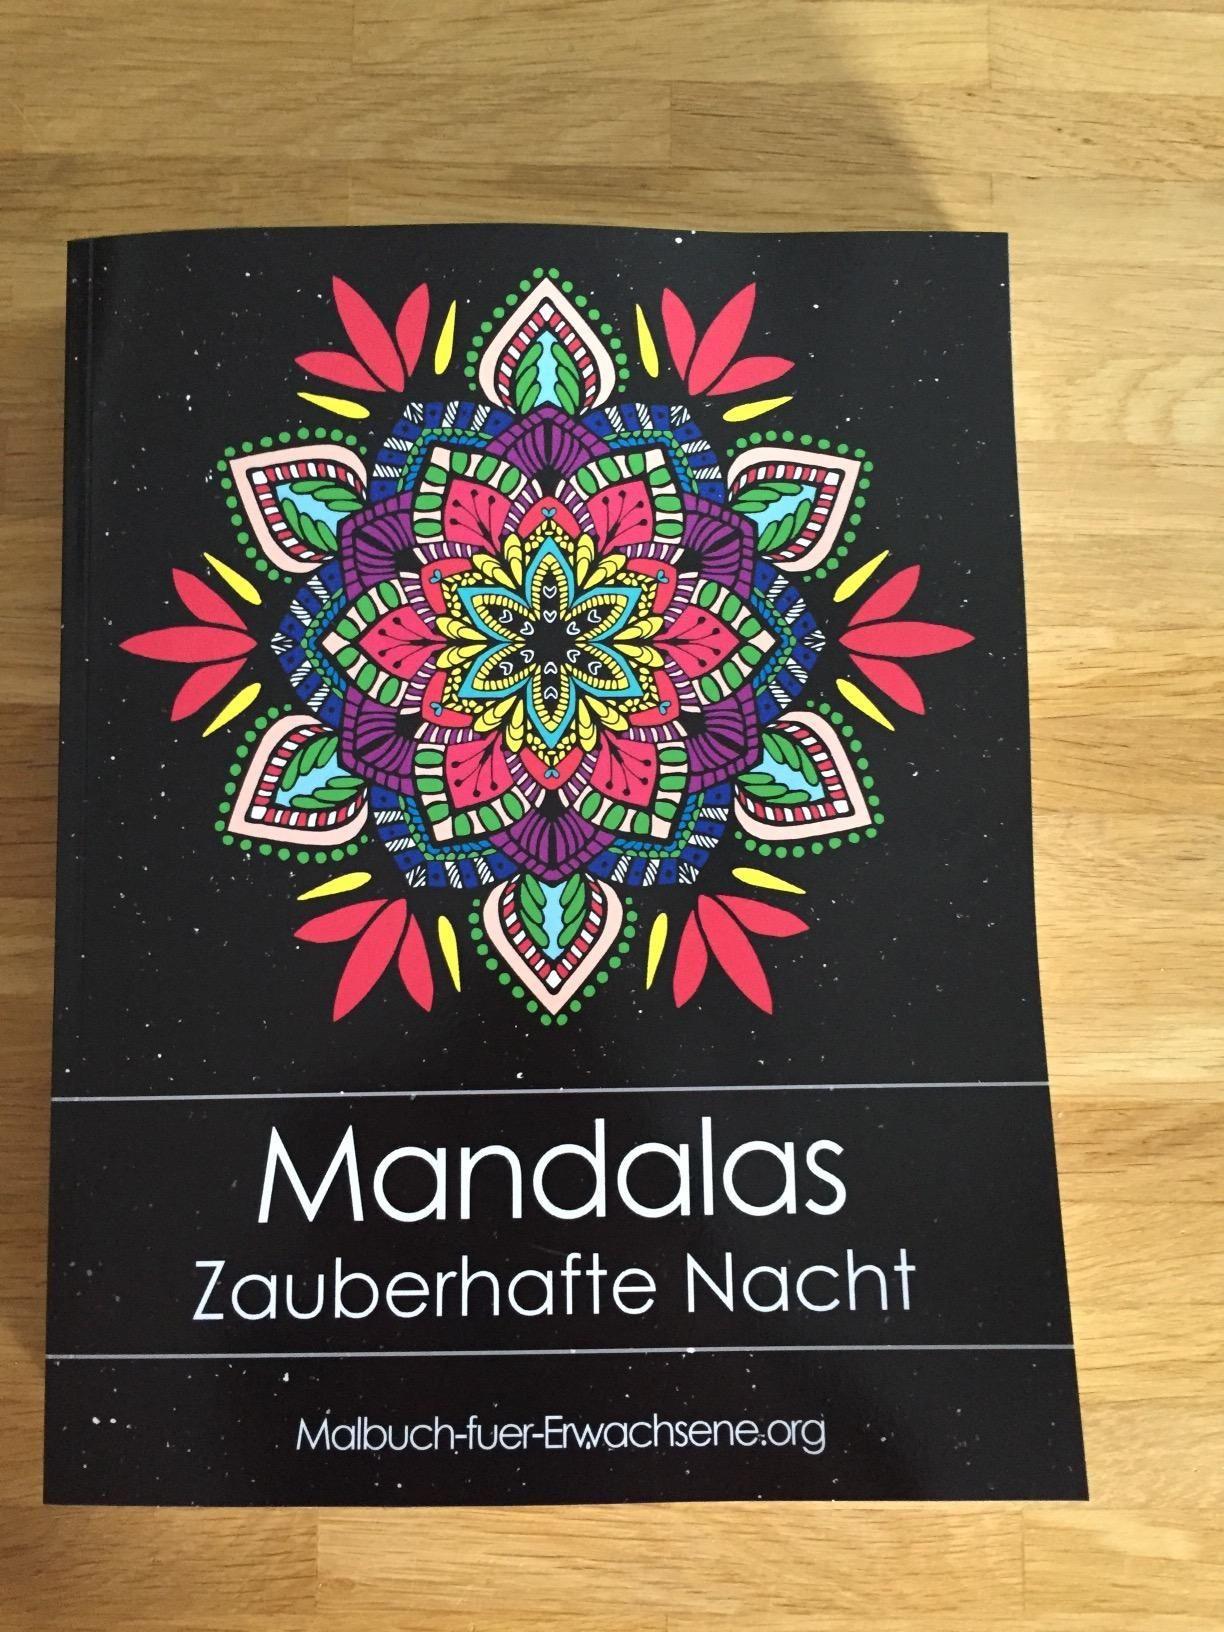 Mandala Zum Ausdrucken Erwachsene Neu Malbuch Für Erwachsene Mandalas Auf Schwarzem Hintergrund Das Bild